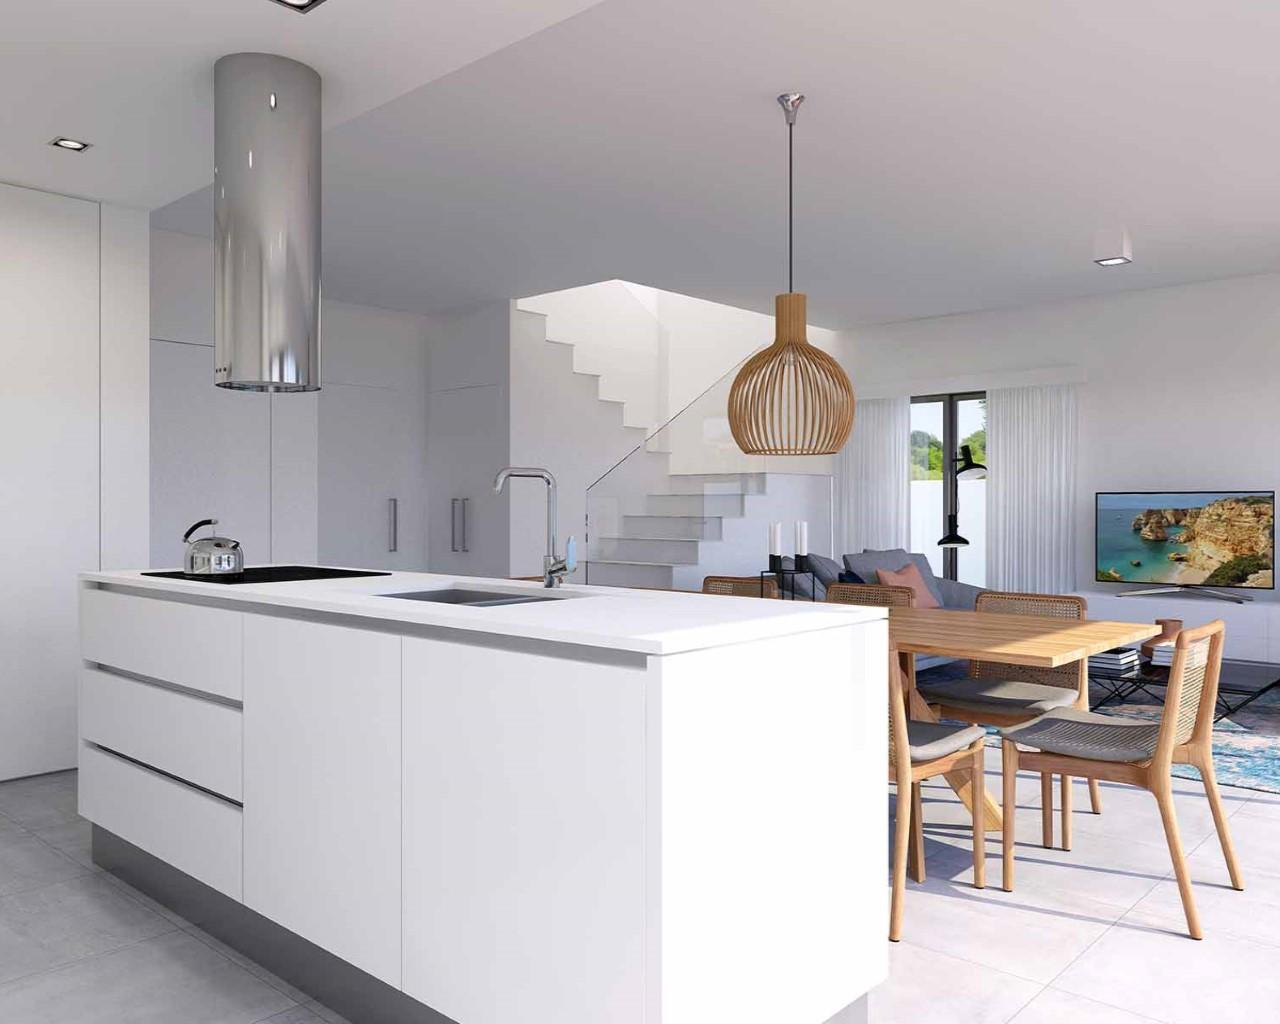 Ferragudo Design Villas - Cozinha